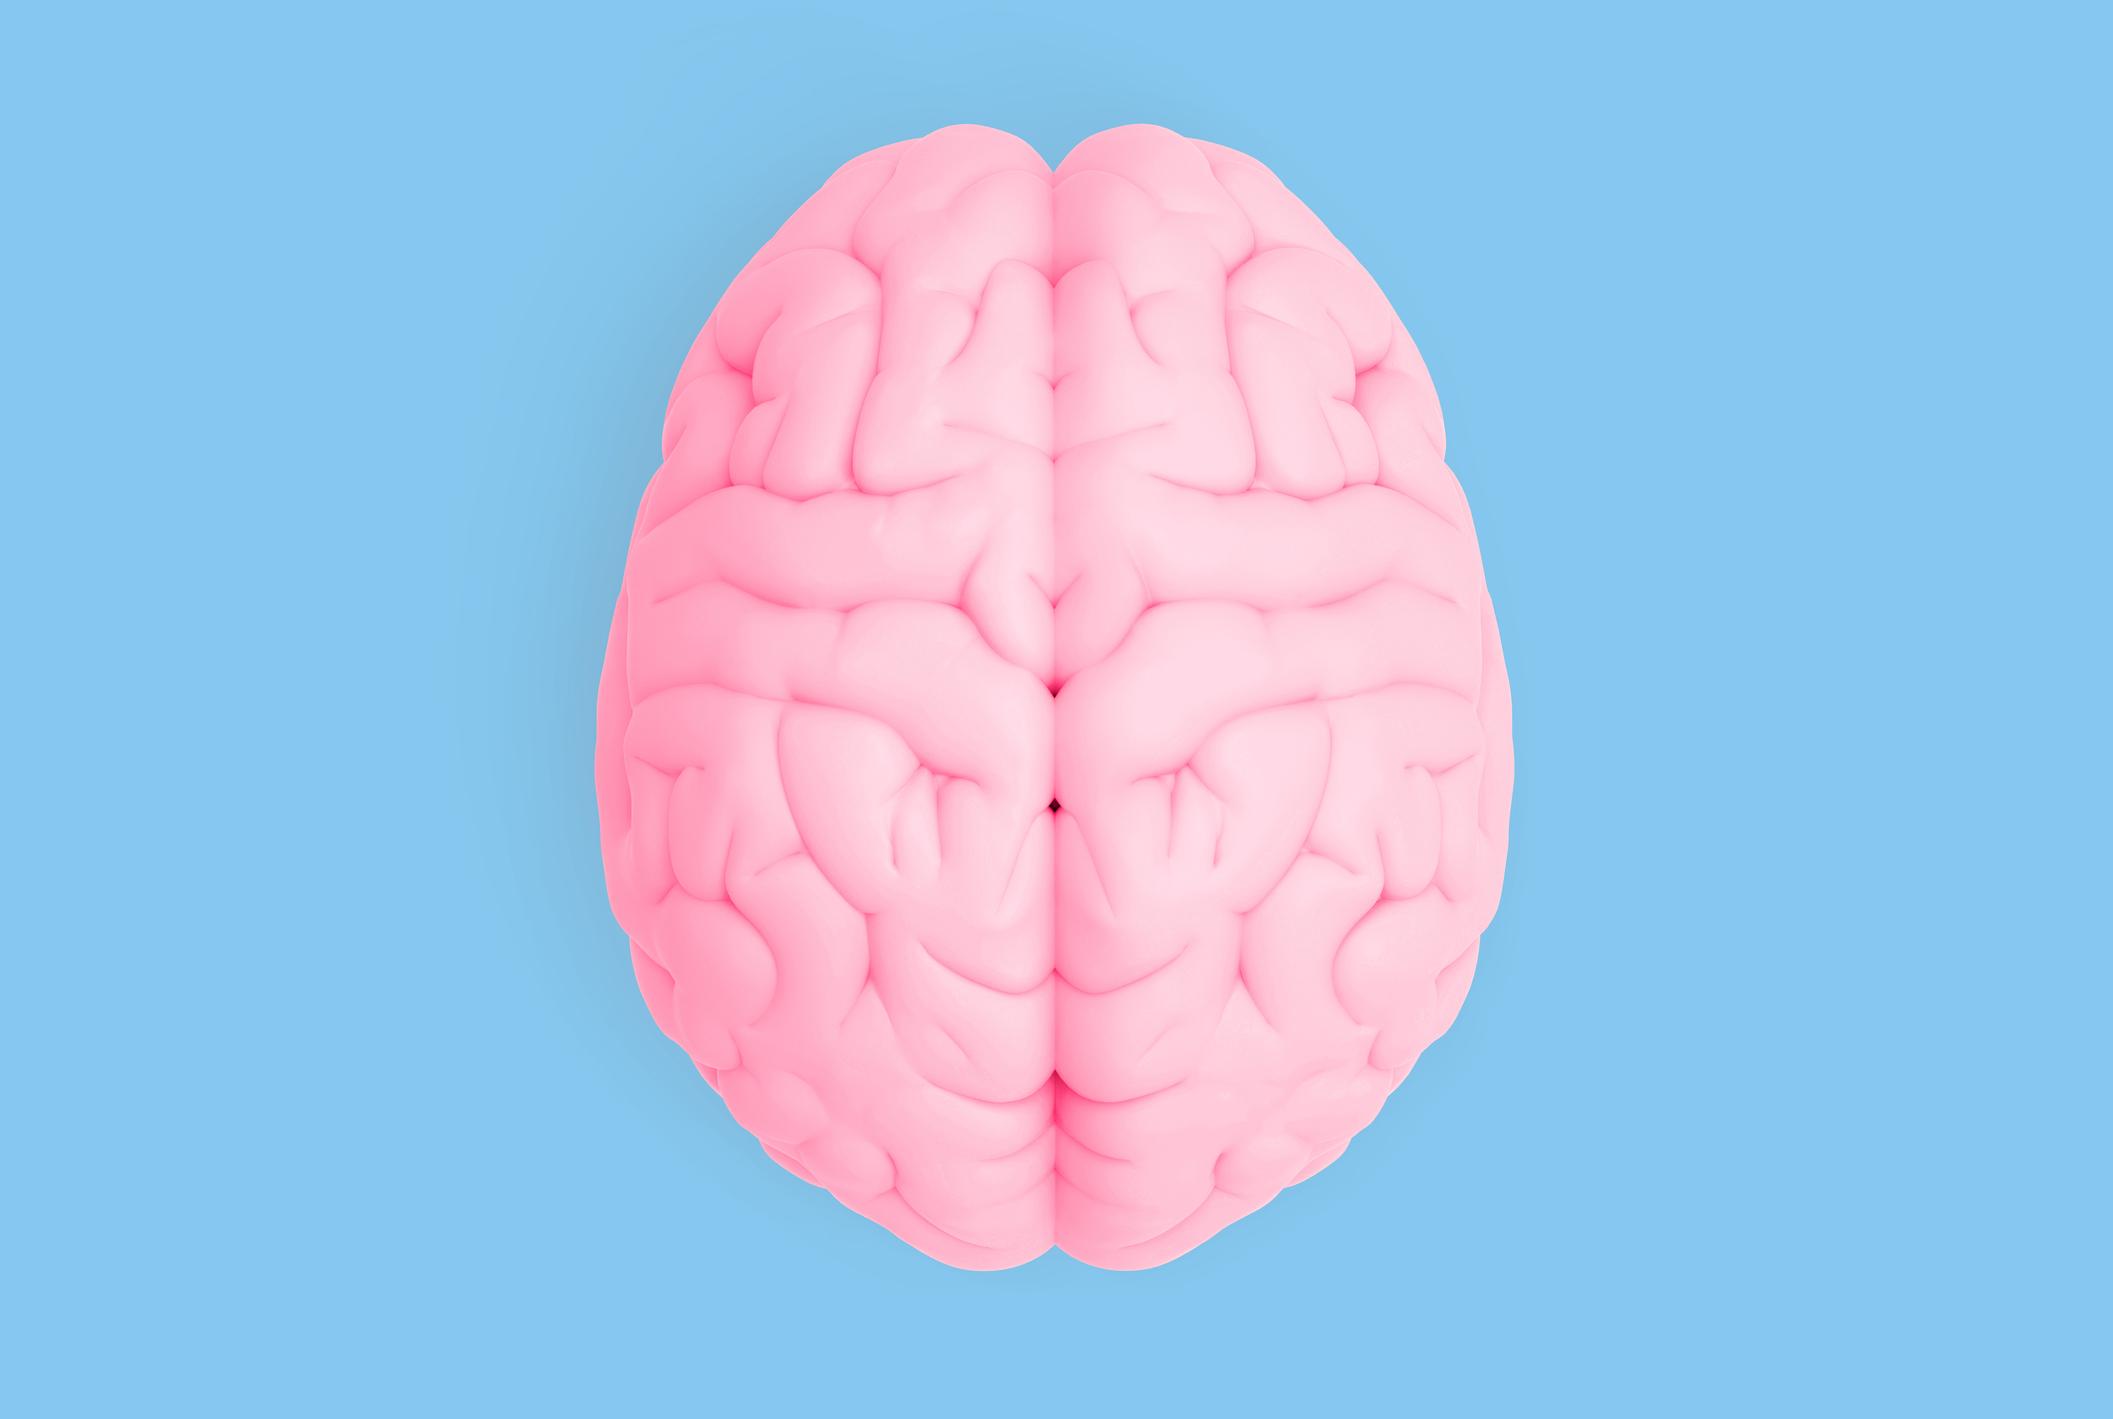 मस्तिष्क और तंत्रिका से जुड़ी समस्याएँ